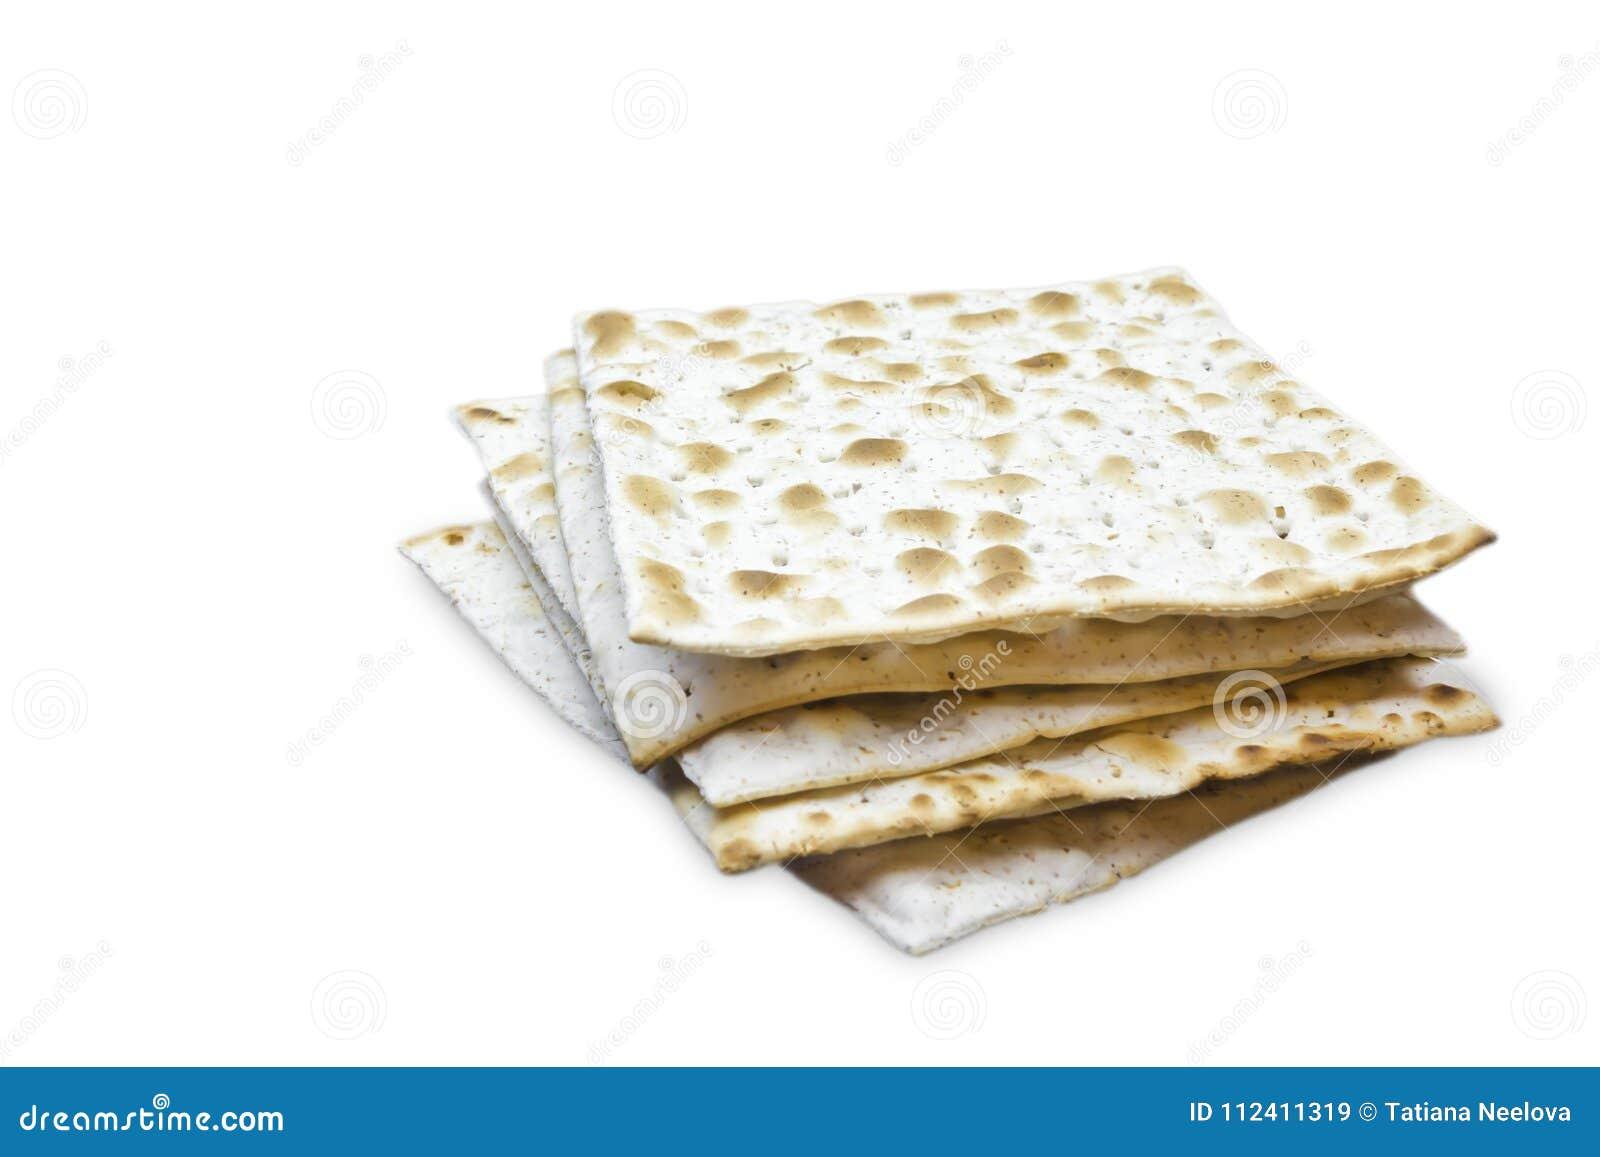 Ein Foto von zwei Stücken Matzah oder matza lokalisiert auf weißem Hintergrund Matzah für die jüdischen Passahfestfeiertage Platz